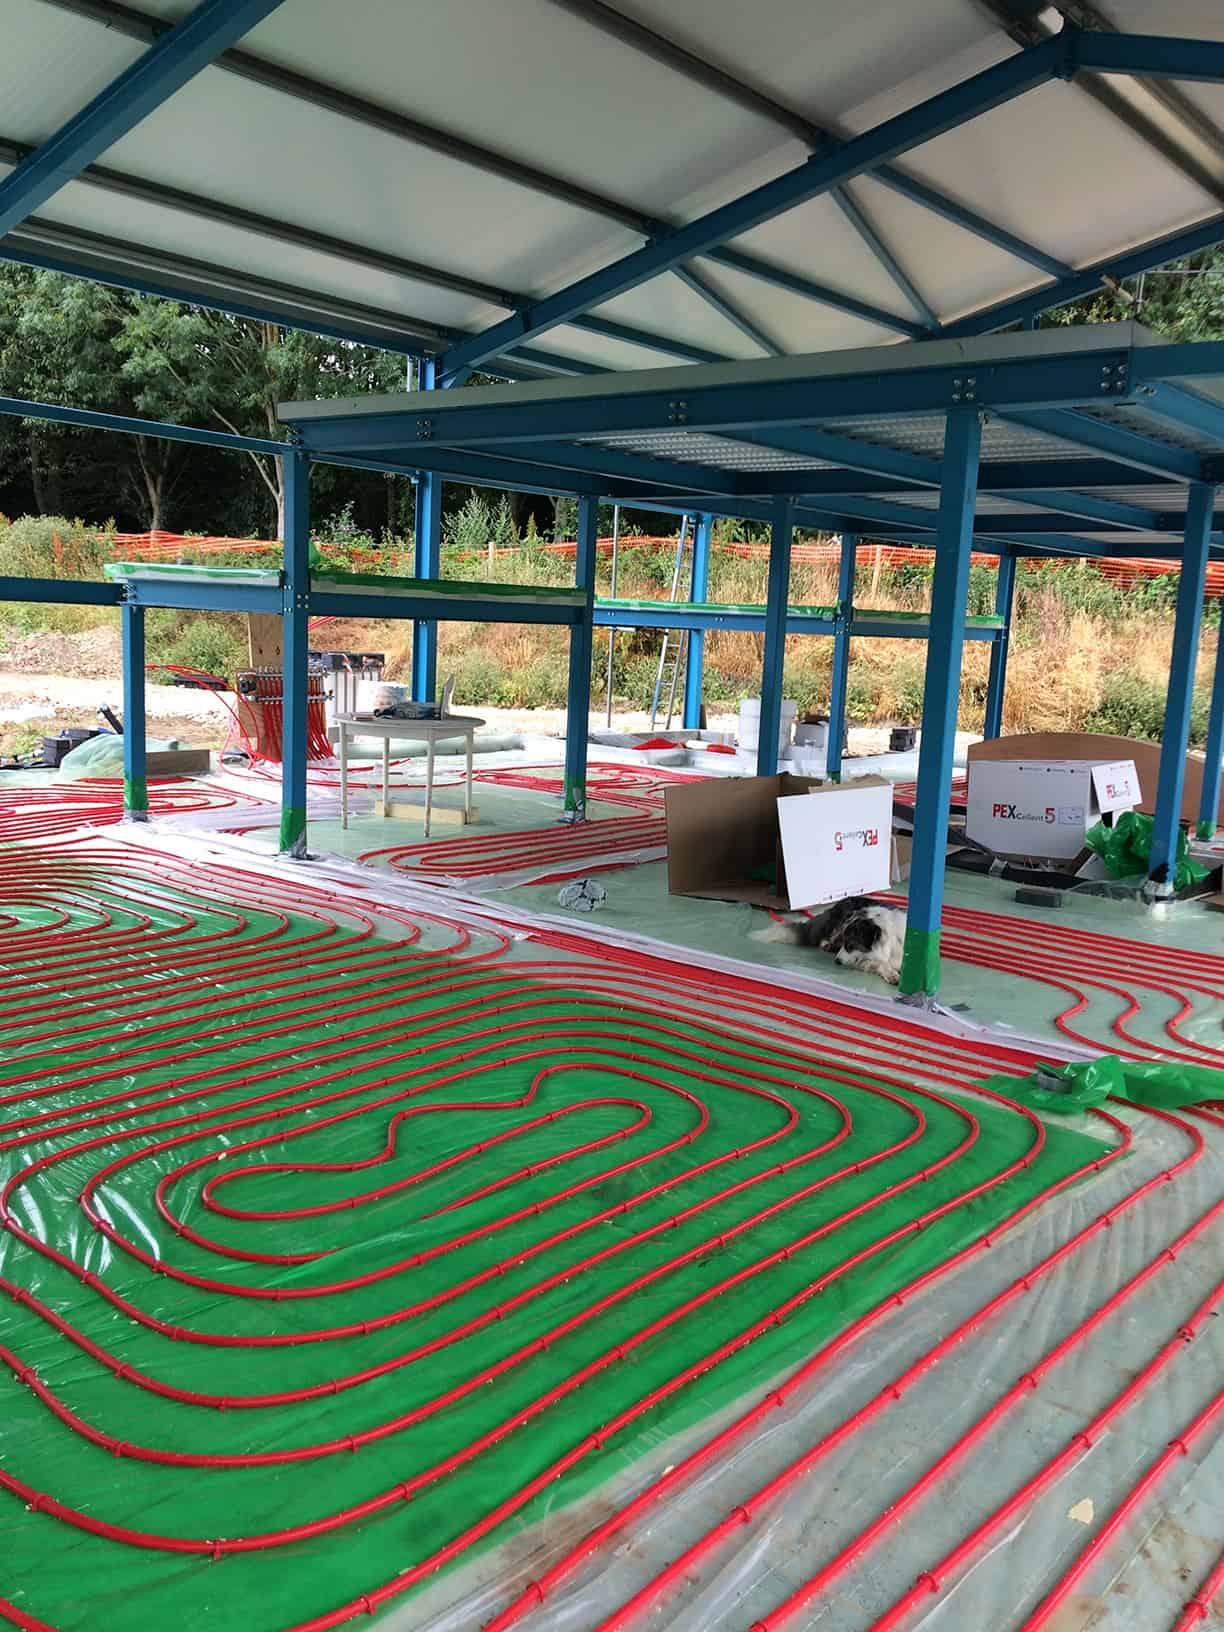 Architectural work experience underfloor heating